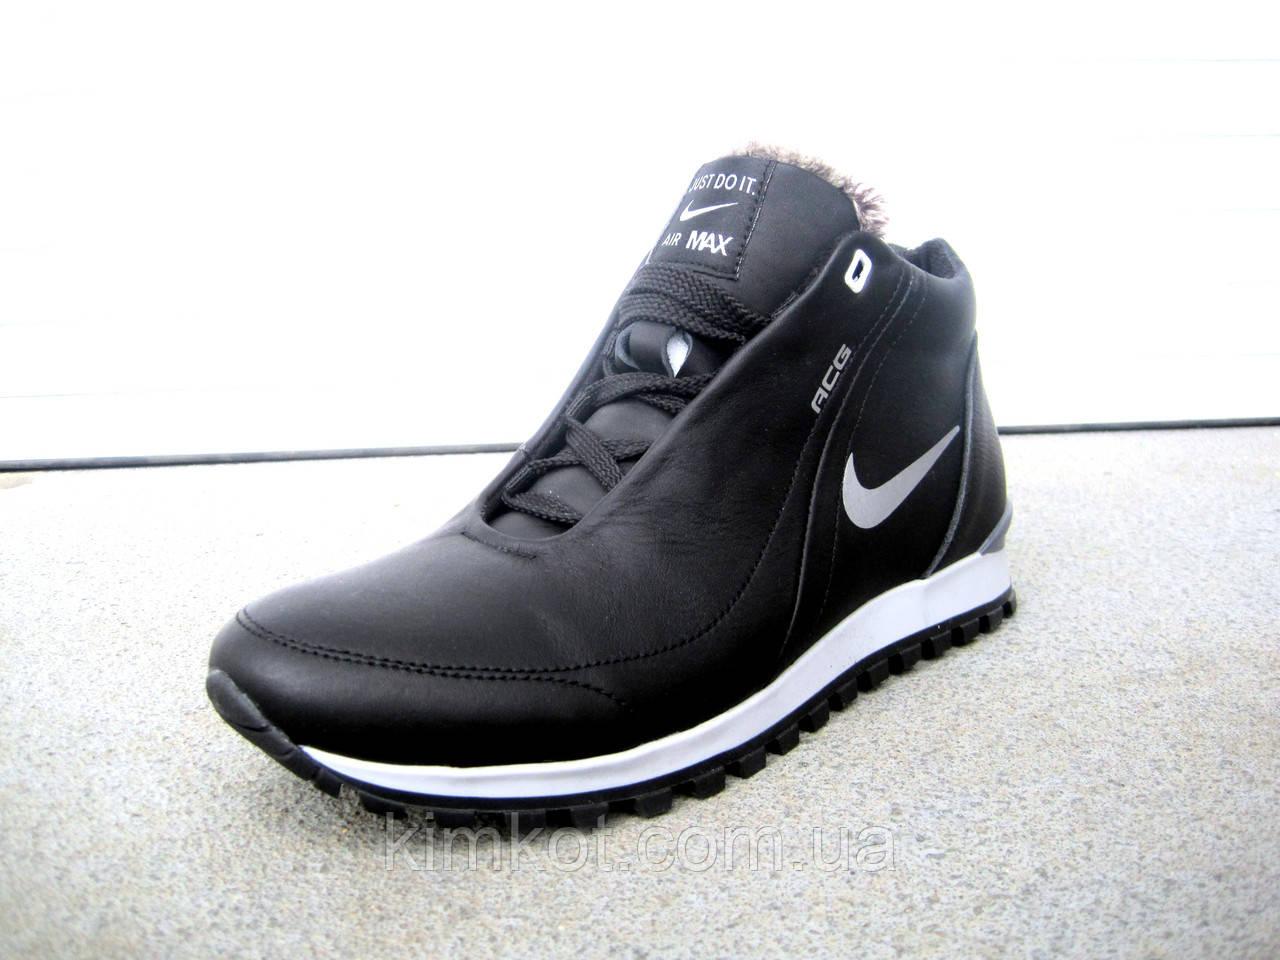 020e6e51 Зимние кожаные мужские кроссовки Nike 40-45 р-р - Интернет-Магазин